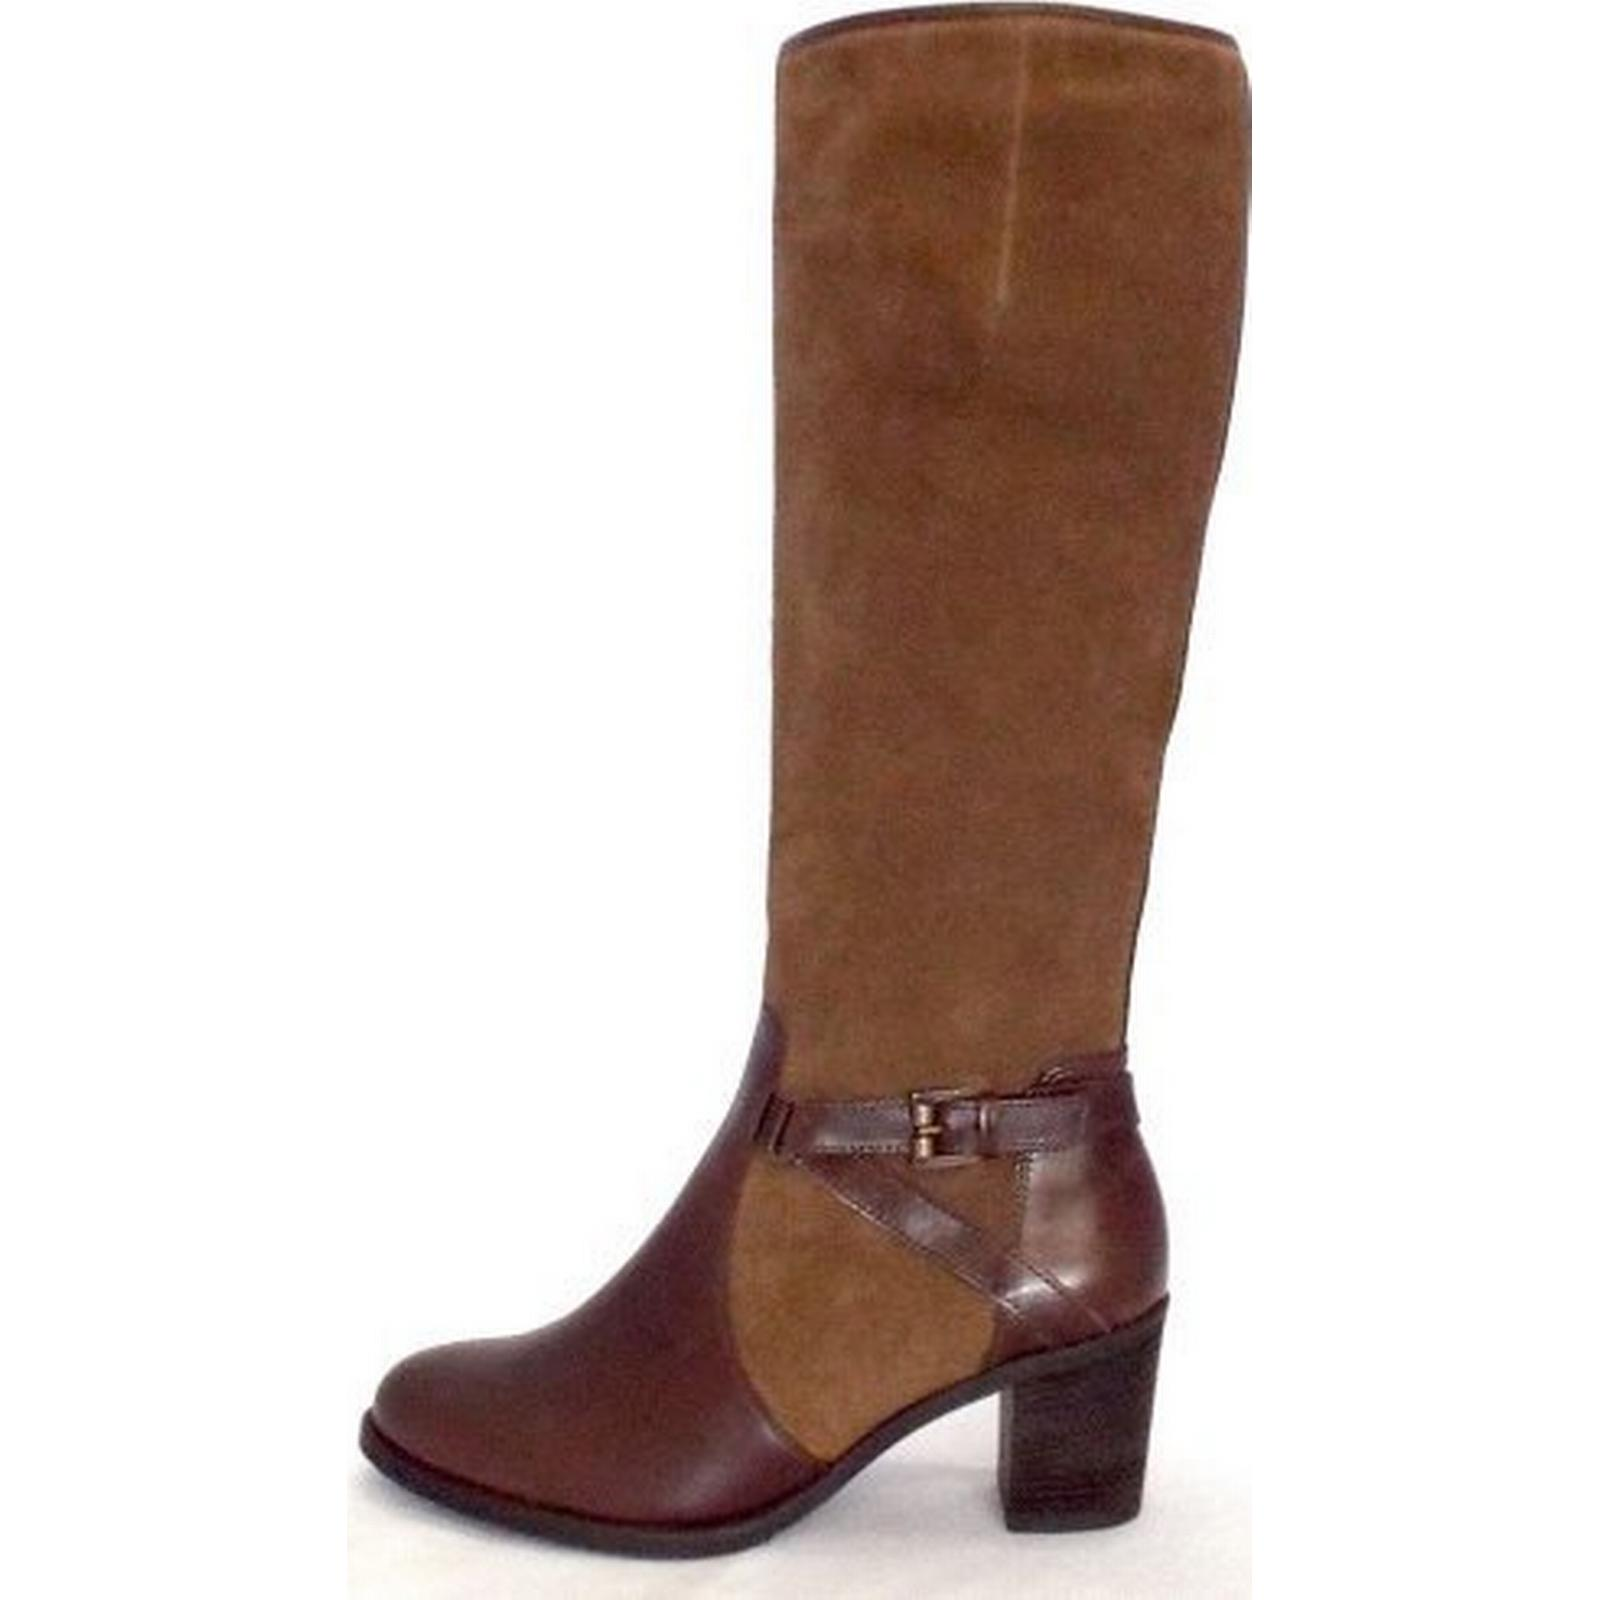 gabor de gusto mesdames de gabor longues bottes dans Marron  taille: 2,5, couleur teck 326af8